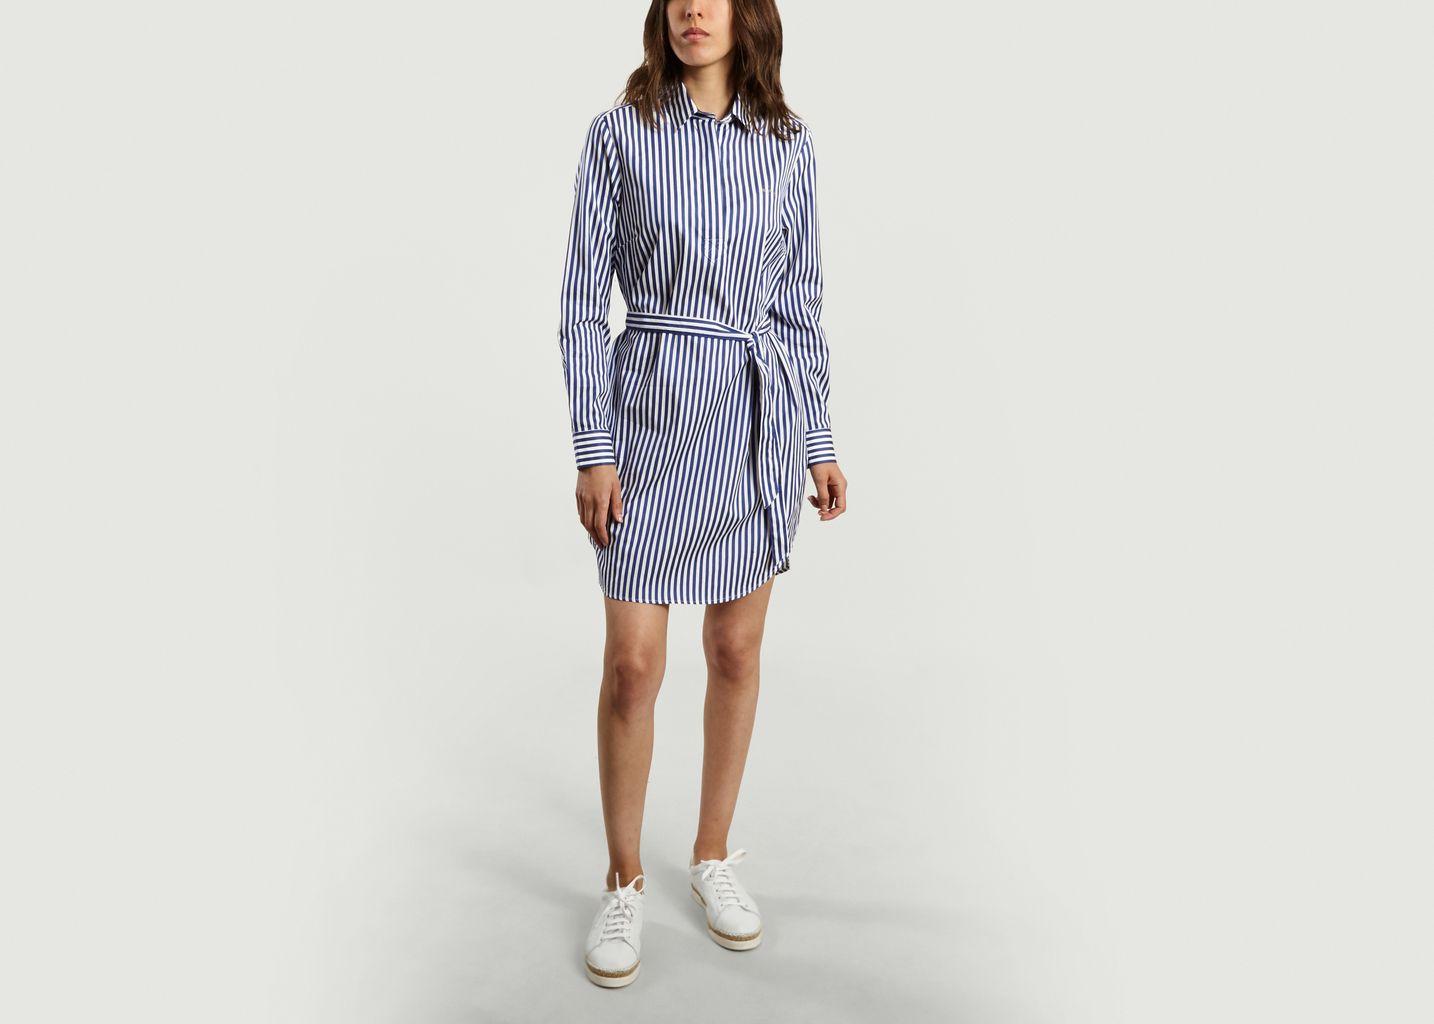 Robe Chemise Rayée Bonjour - Maison Labiche